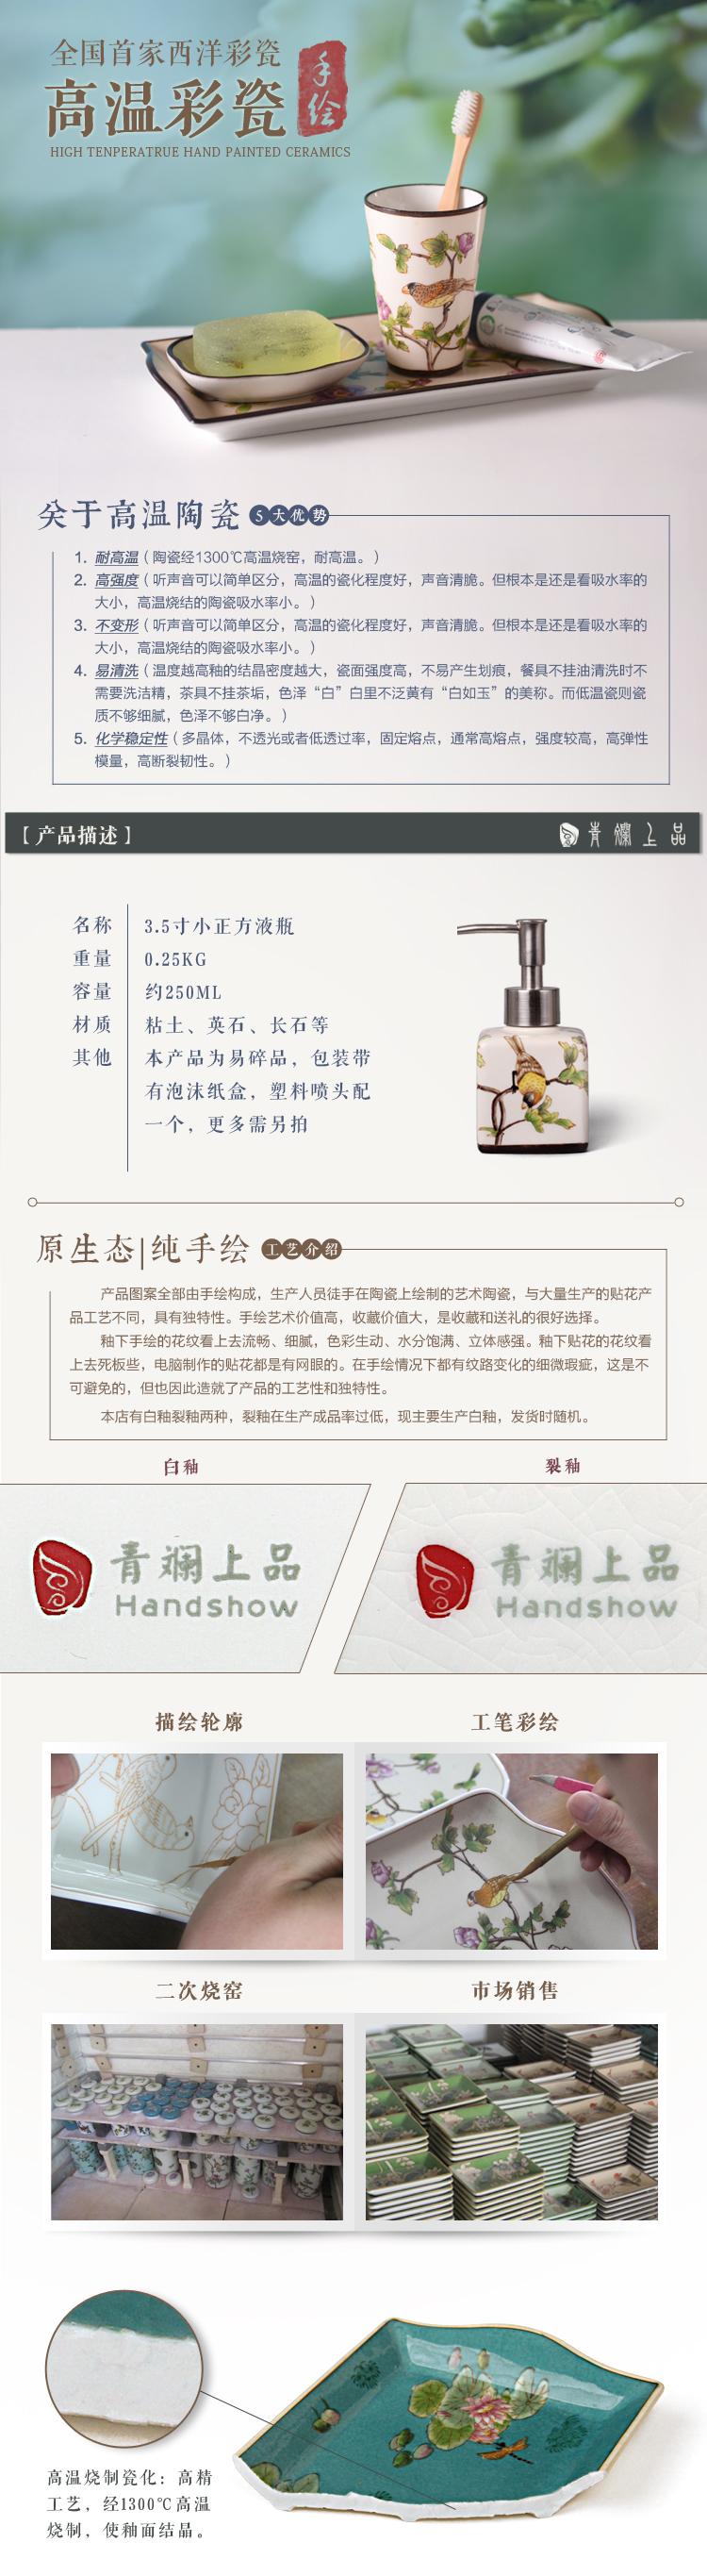 淘宝手绘陶瓷内页详情摄影中式